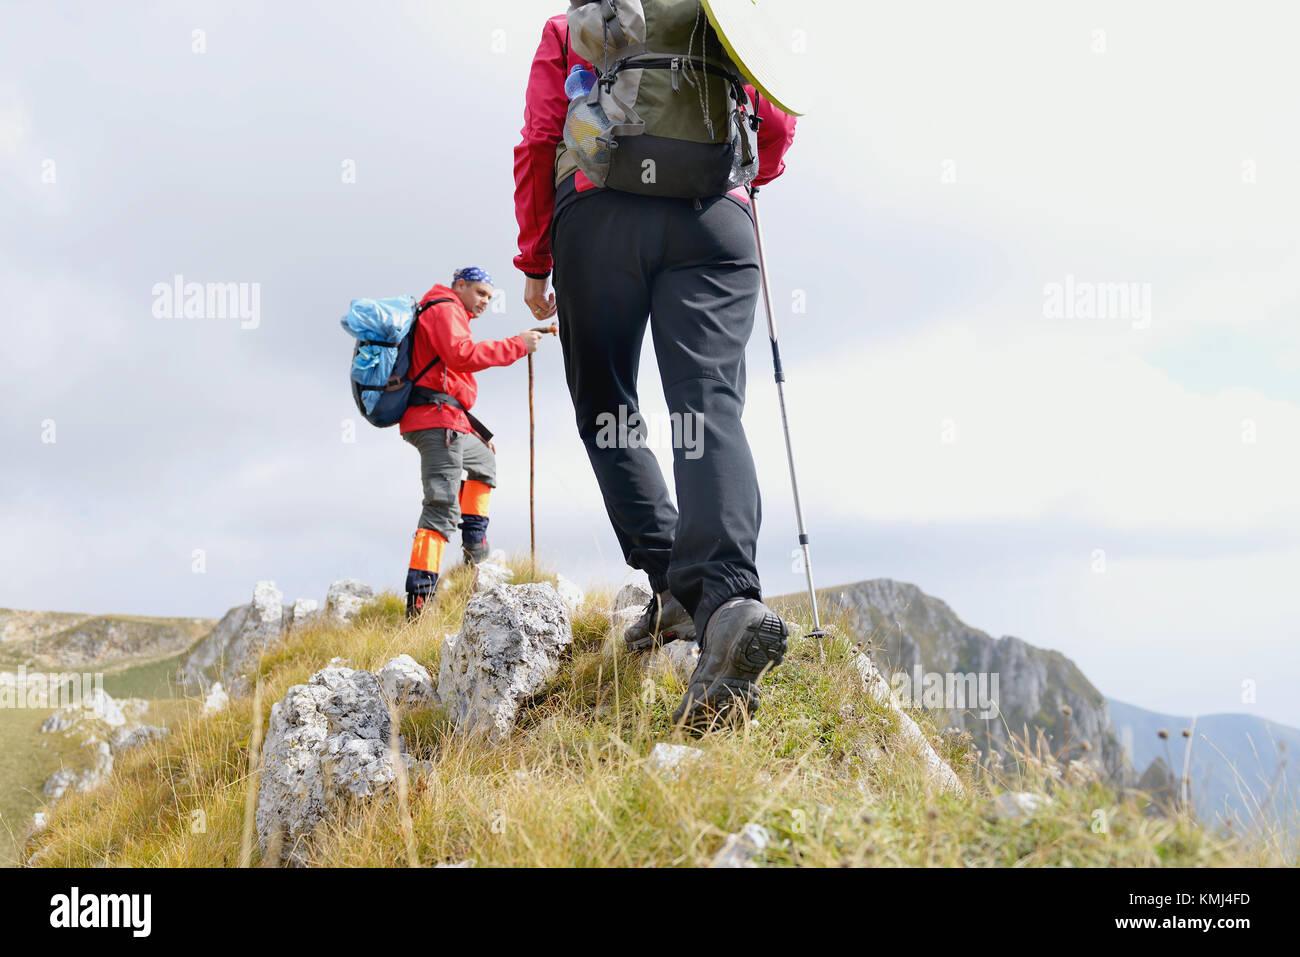 Cerca de las piernas de los jóvenes excursionistas caminando en la ruta del país. Pareja joven trail despertarse. Imagen De Stock